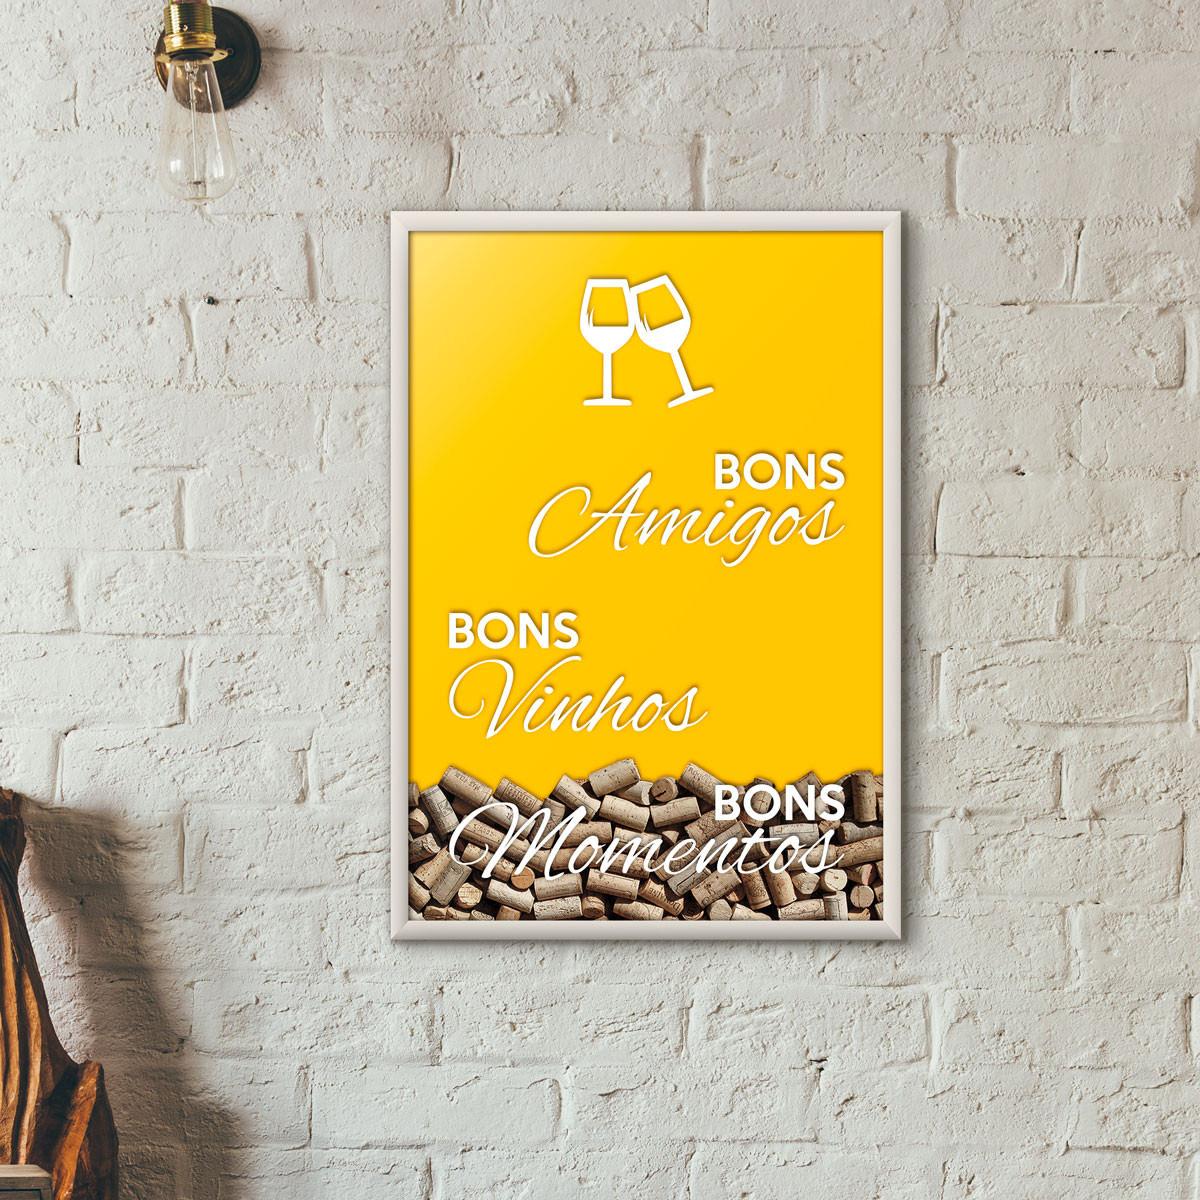 """Quadro Porta Rolhas de Vinho - """"Bons Amigos Bons Vinhos Bons Momentos"""" Amarelo"""